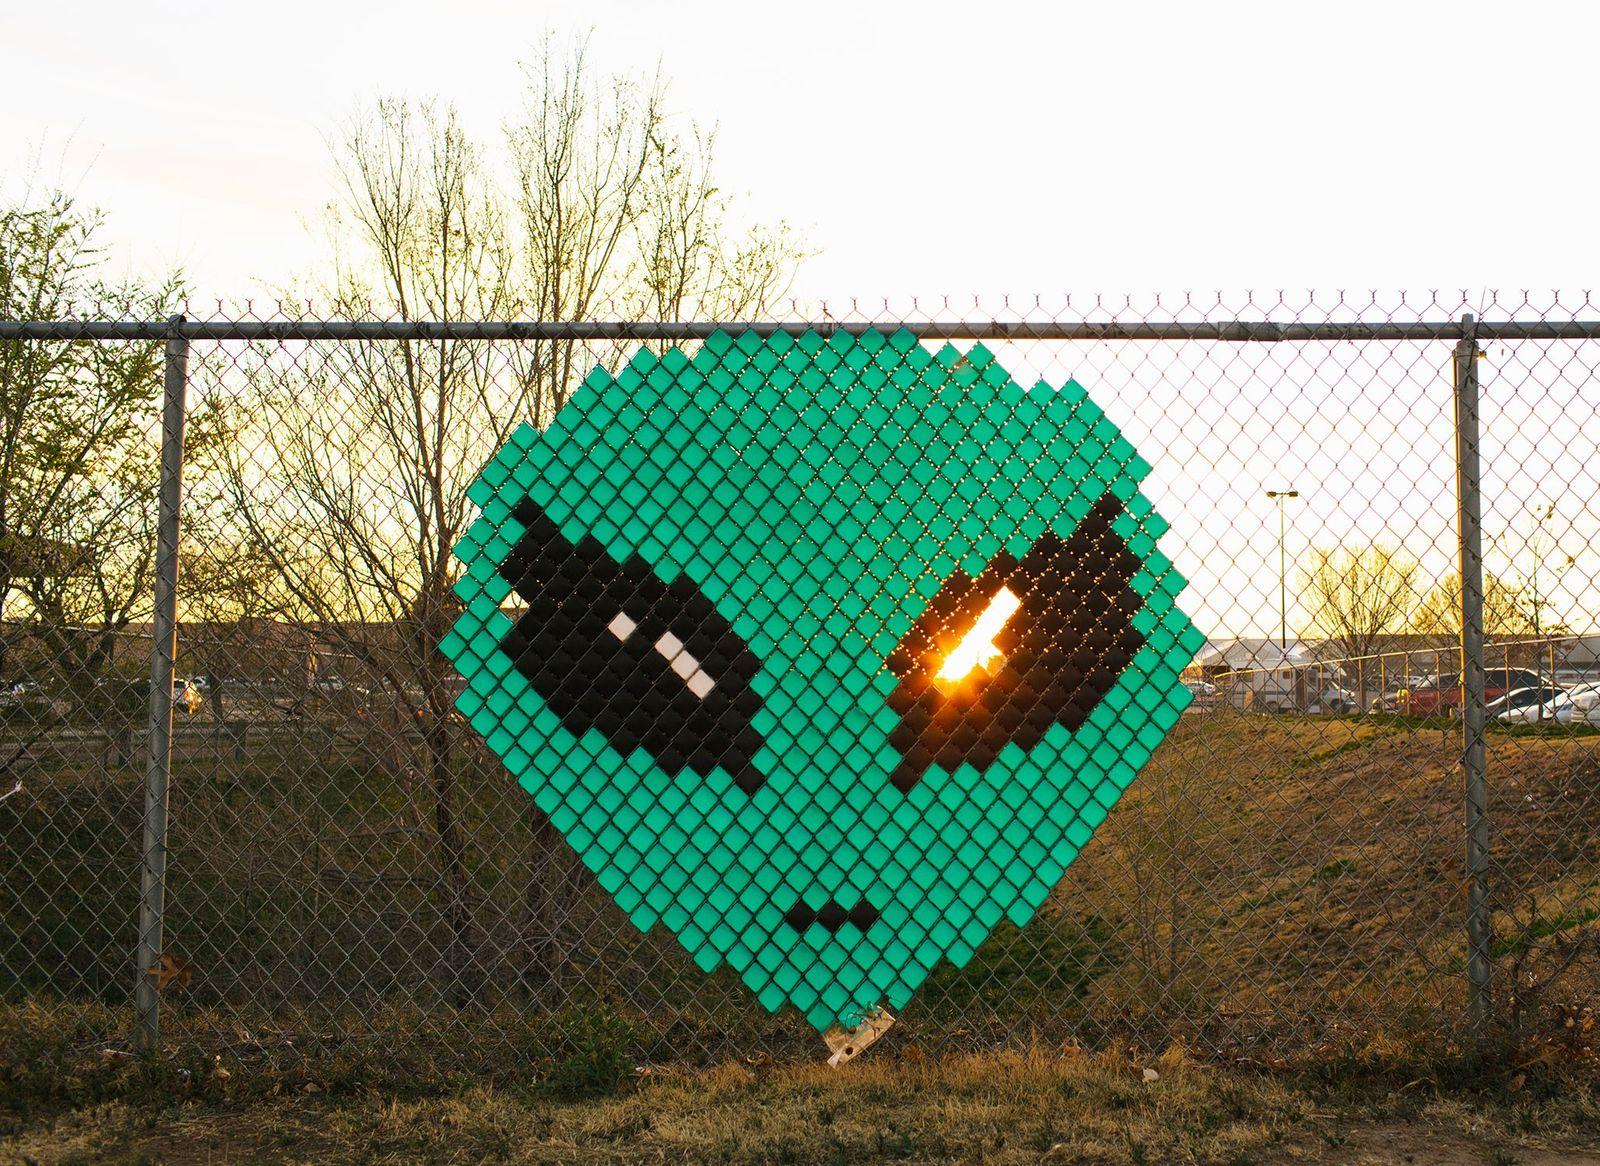 Cara de un alien